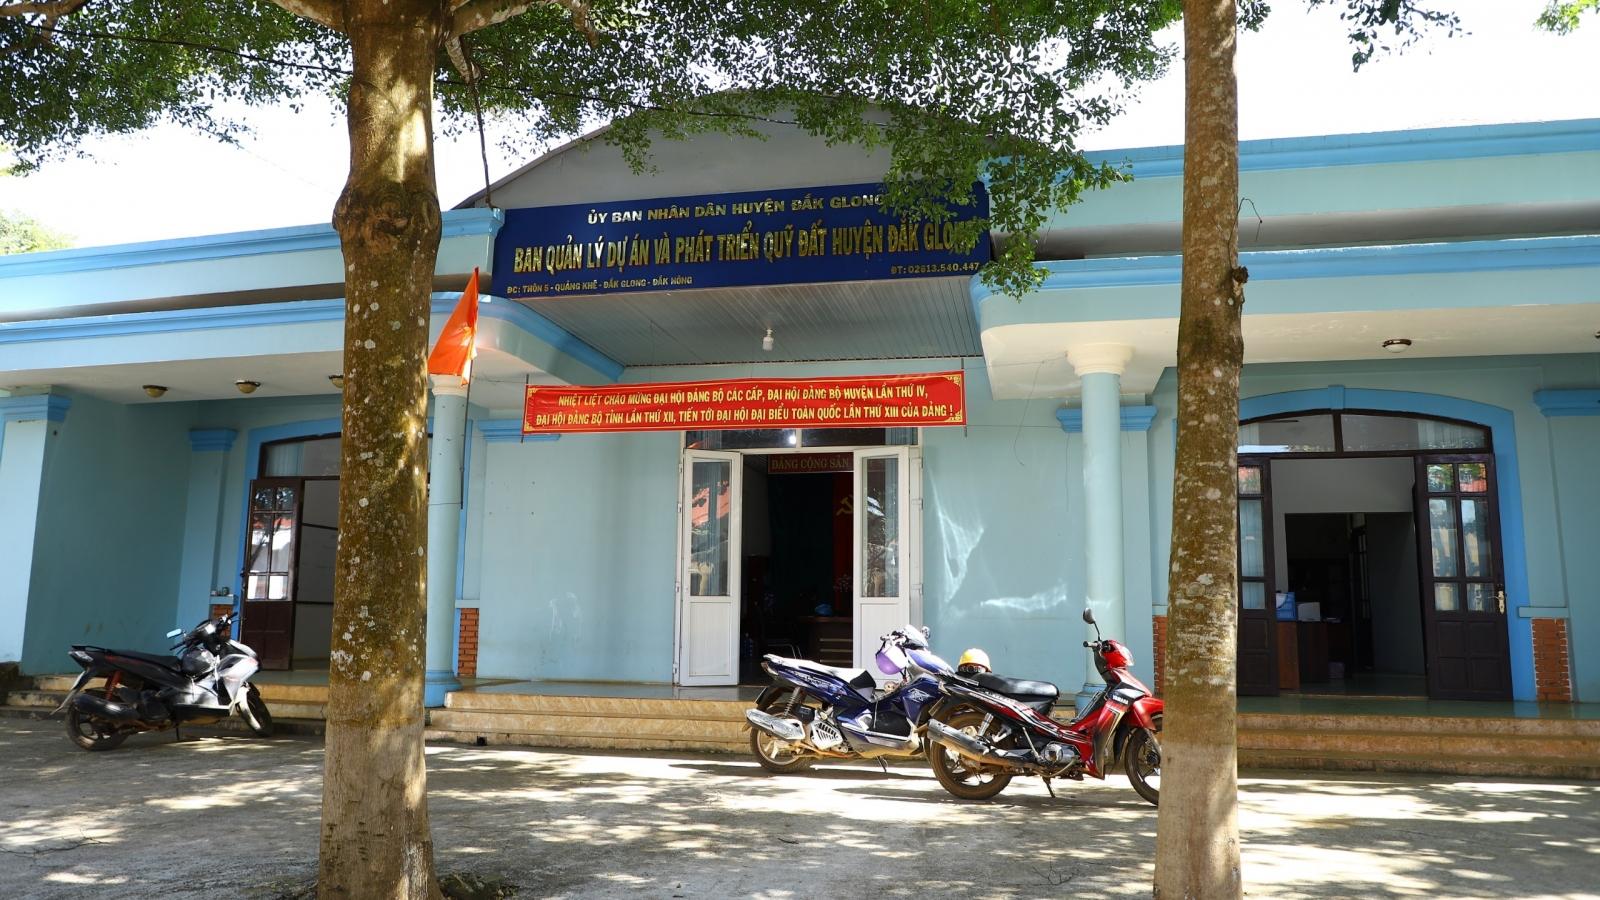 Bắt Giám đốc Ban quản lý dự án và phát triển quỹ đất huyện Đắk Glong